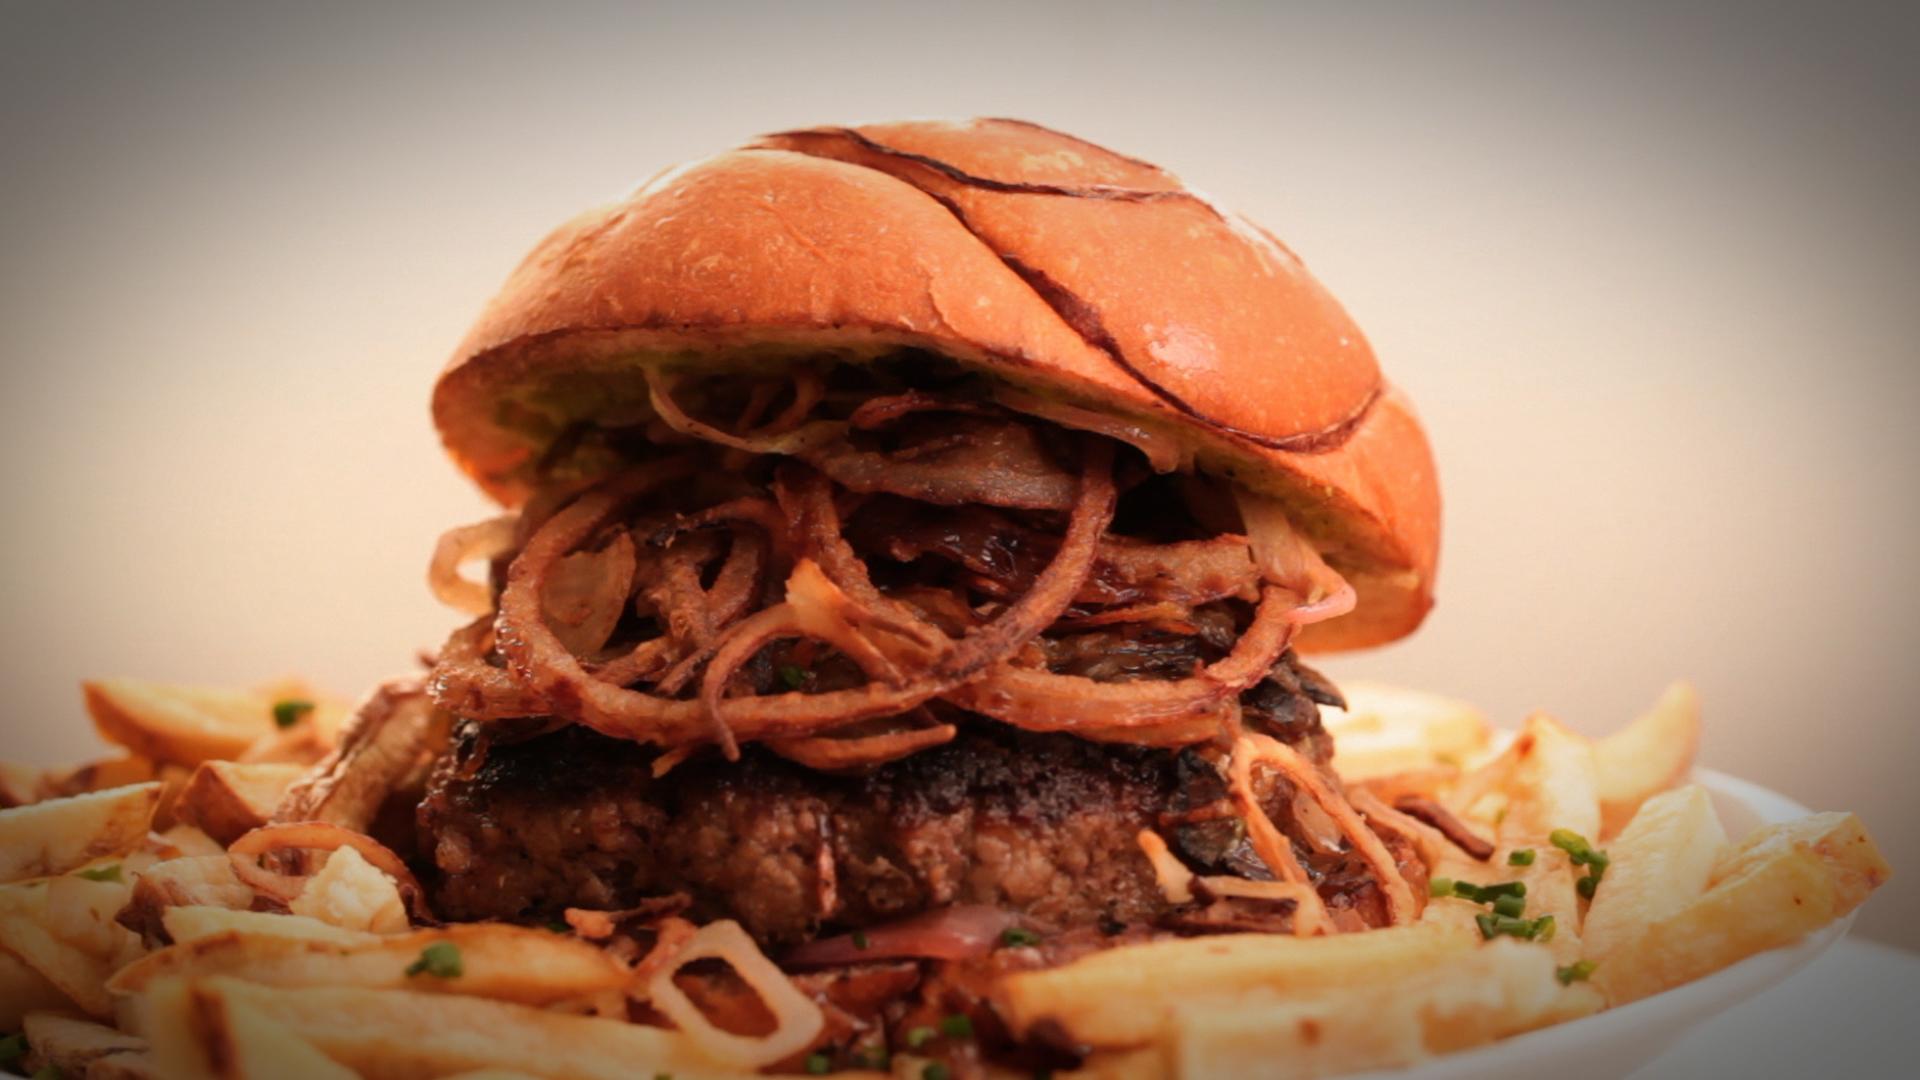 2012-11-17-Onion7Way_Burger_STILL_1.jpg